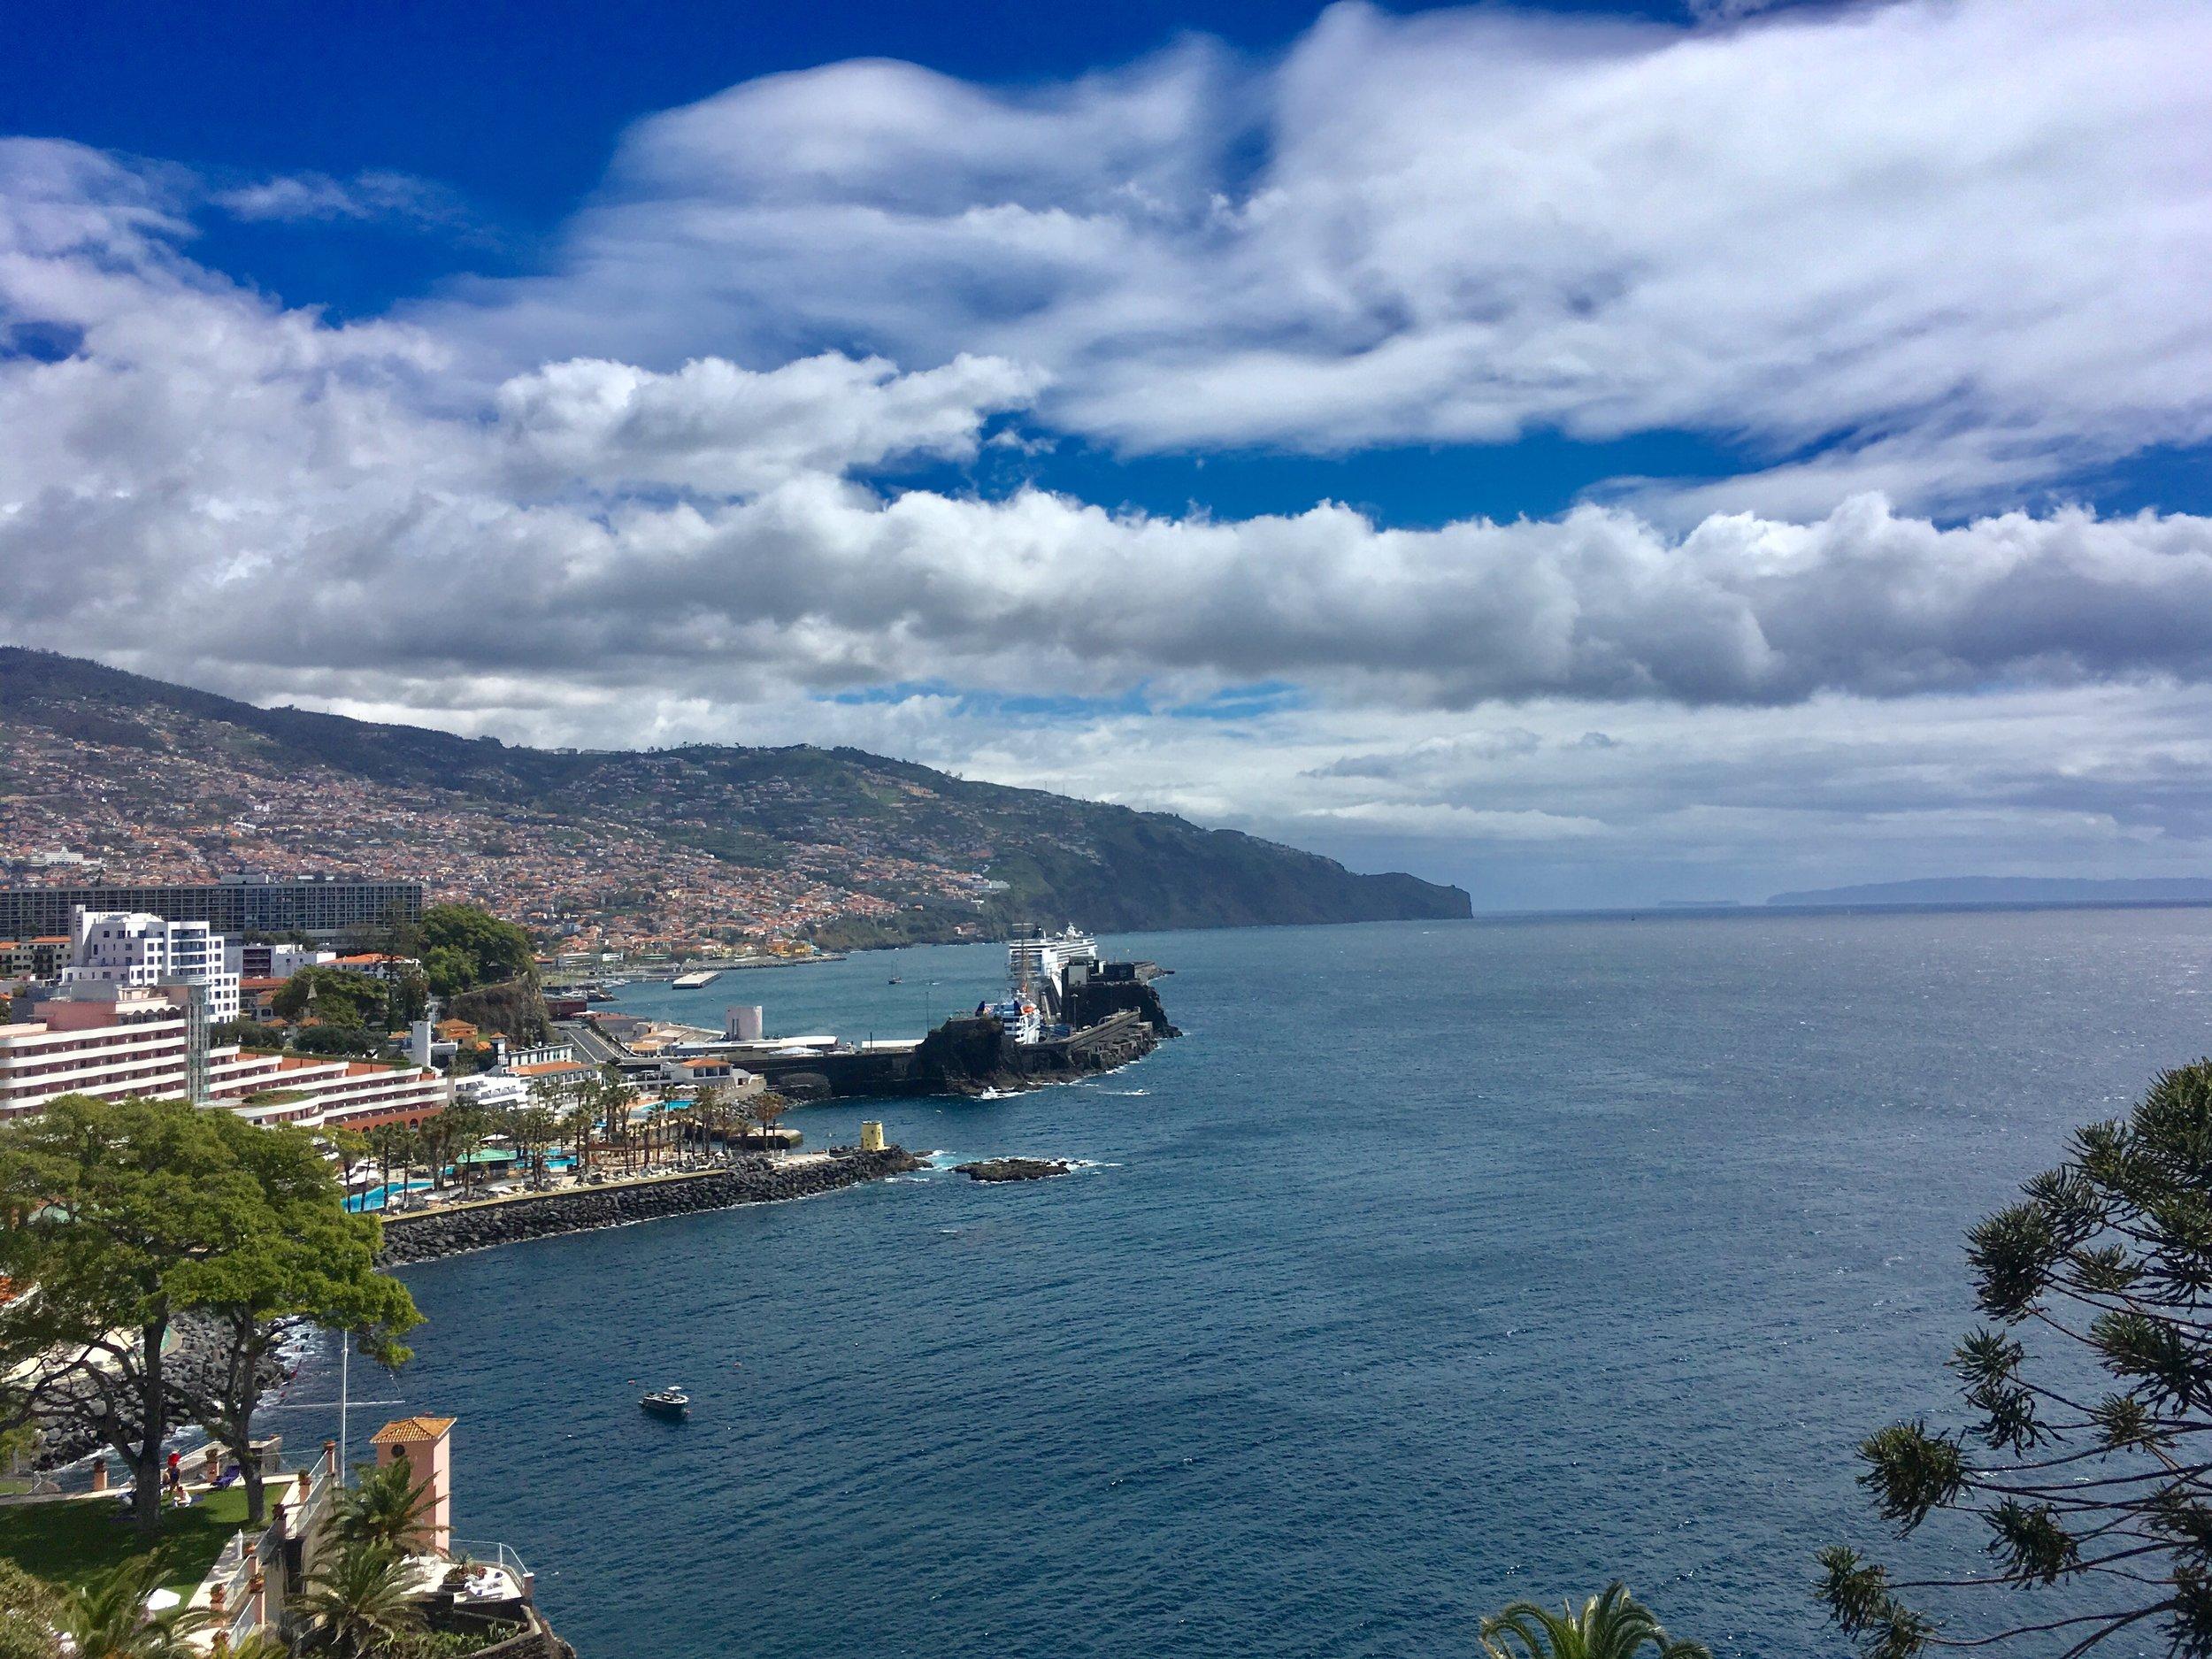 MSC OPERA in Funchal harbour, from Reids Hotel terrace.